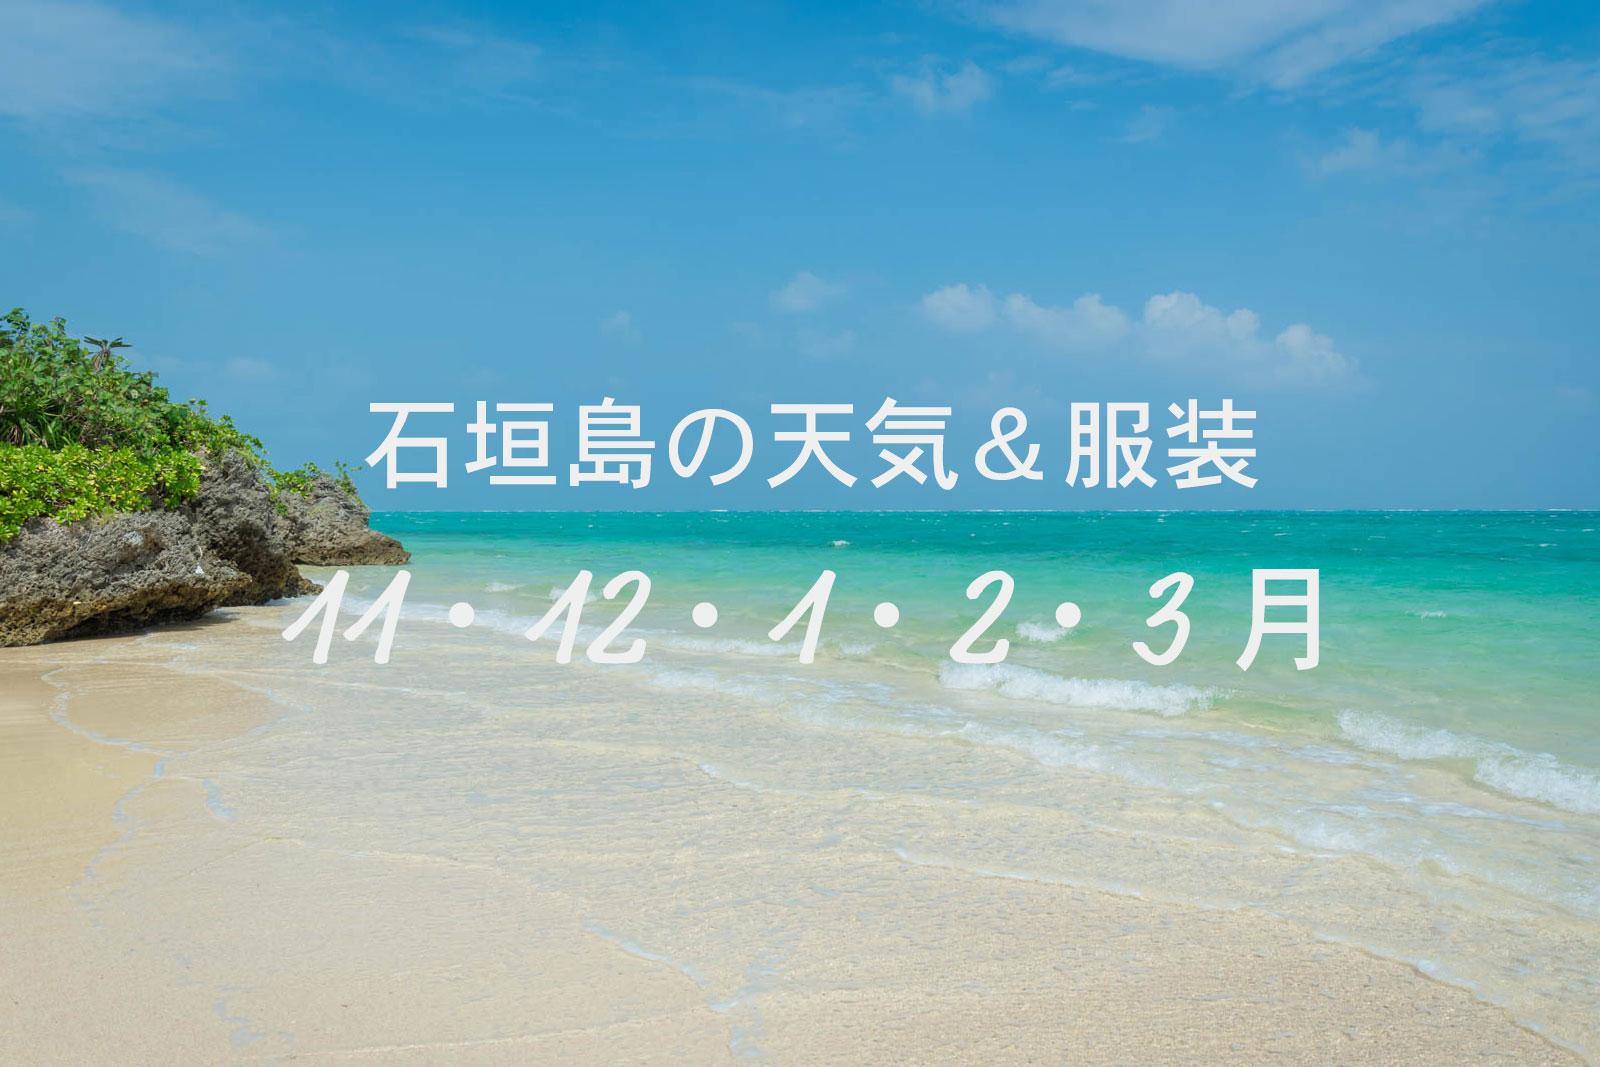 石垣島の冬の天気&おすすめの服装